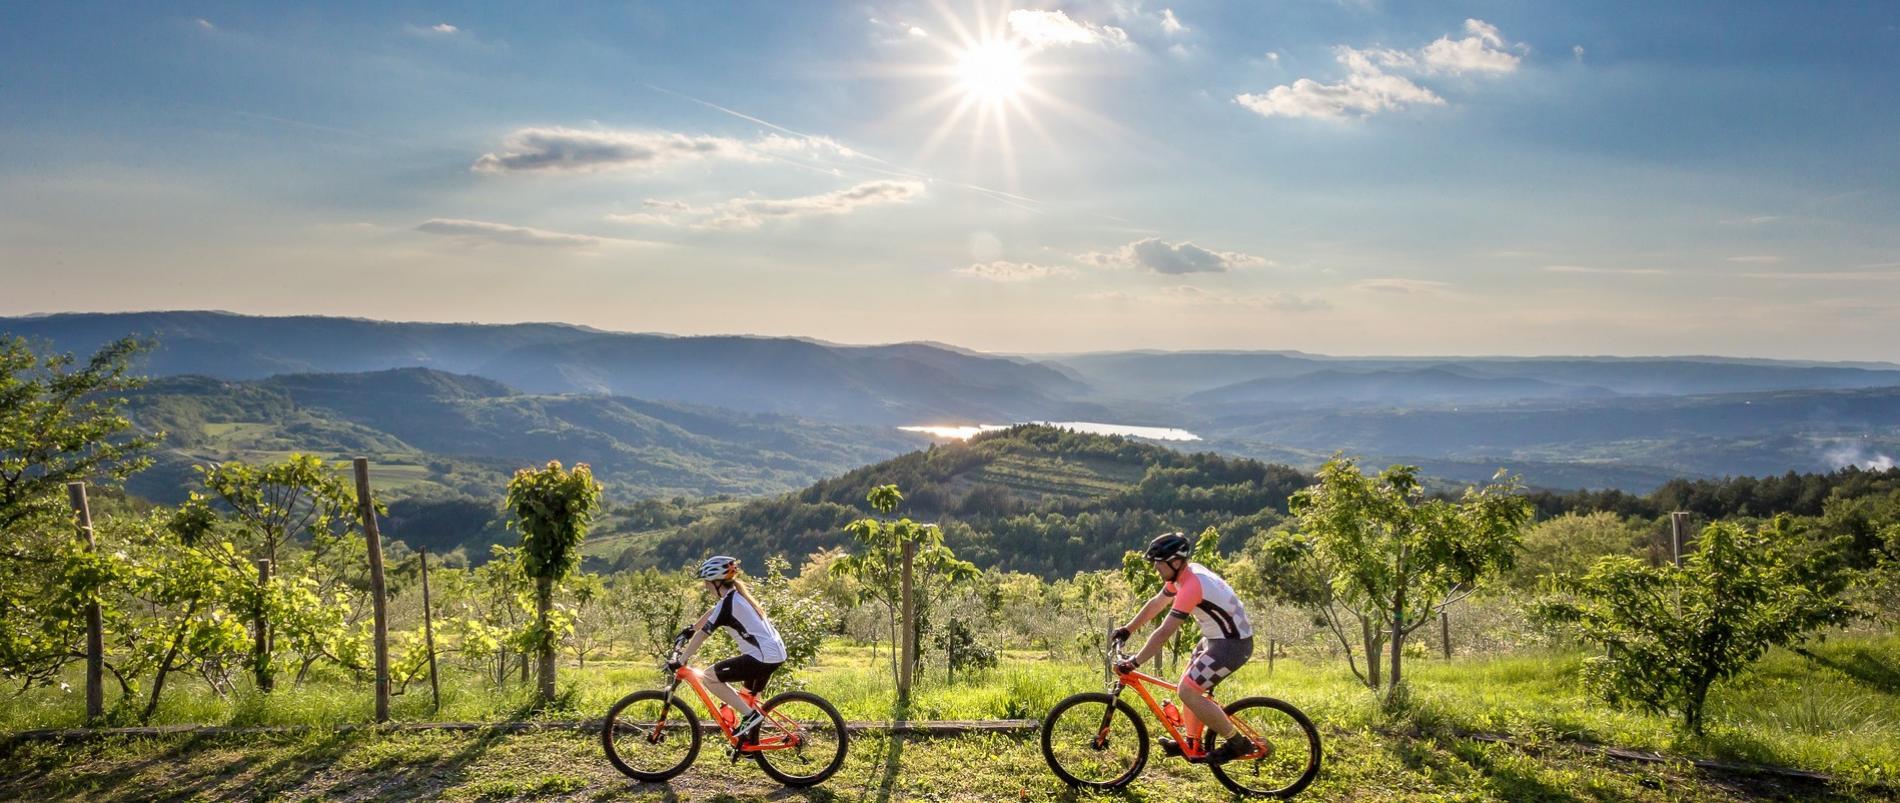 Službeni turistički portal Turističke zajednice Istarske županije